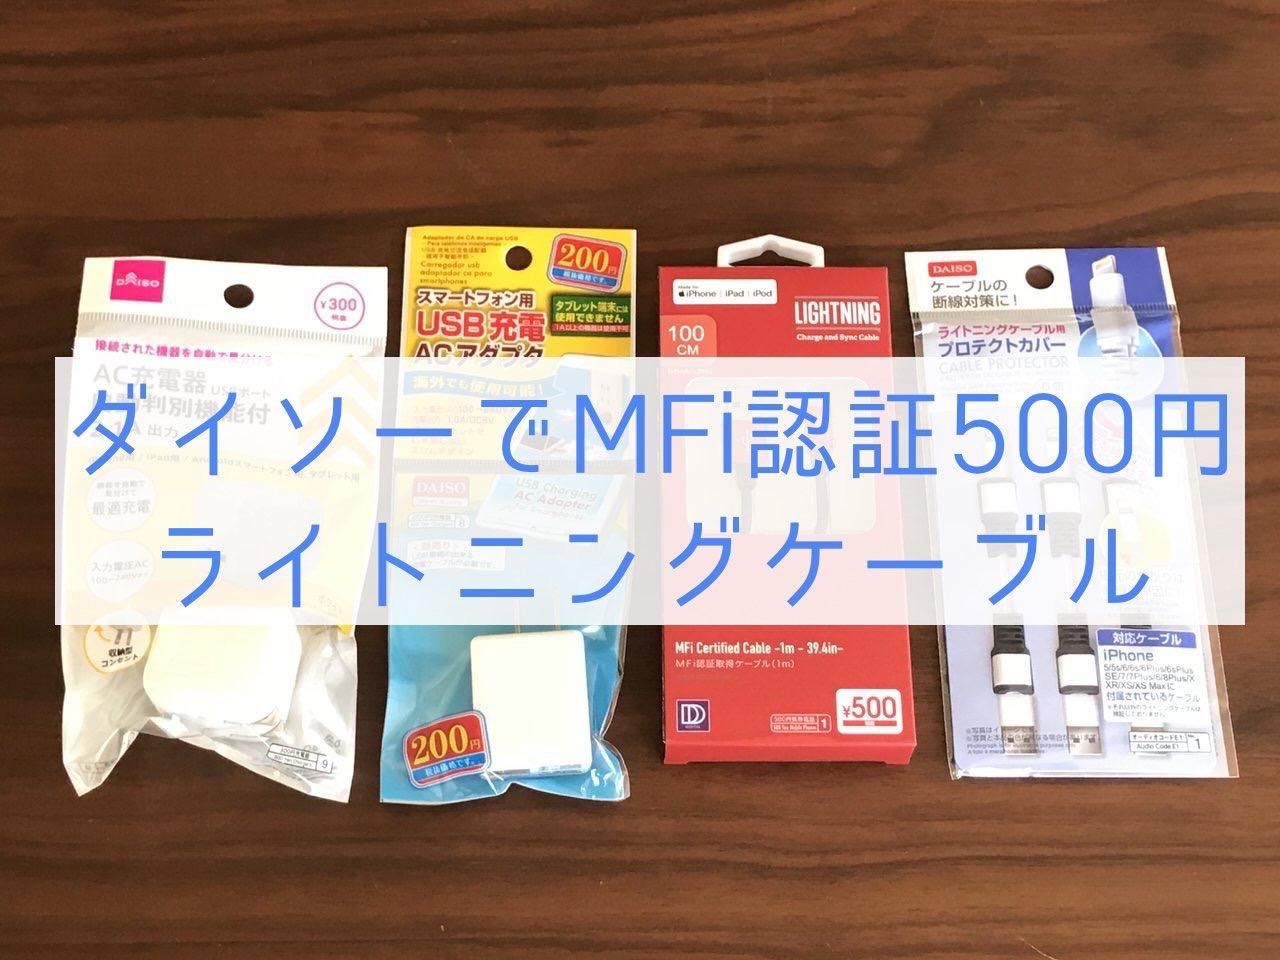 【ダイソー】AppleのMFi認証取得した500円ライトニングケーブルと断線にサヨナラするプロテクトカバー6個100円